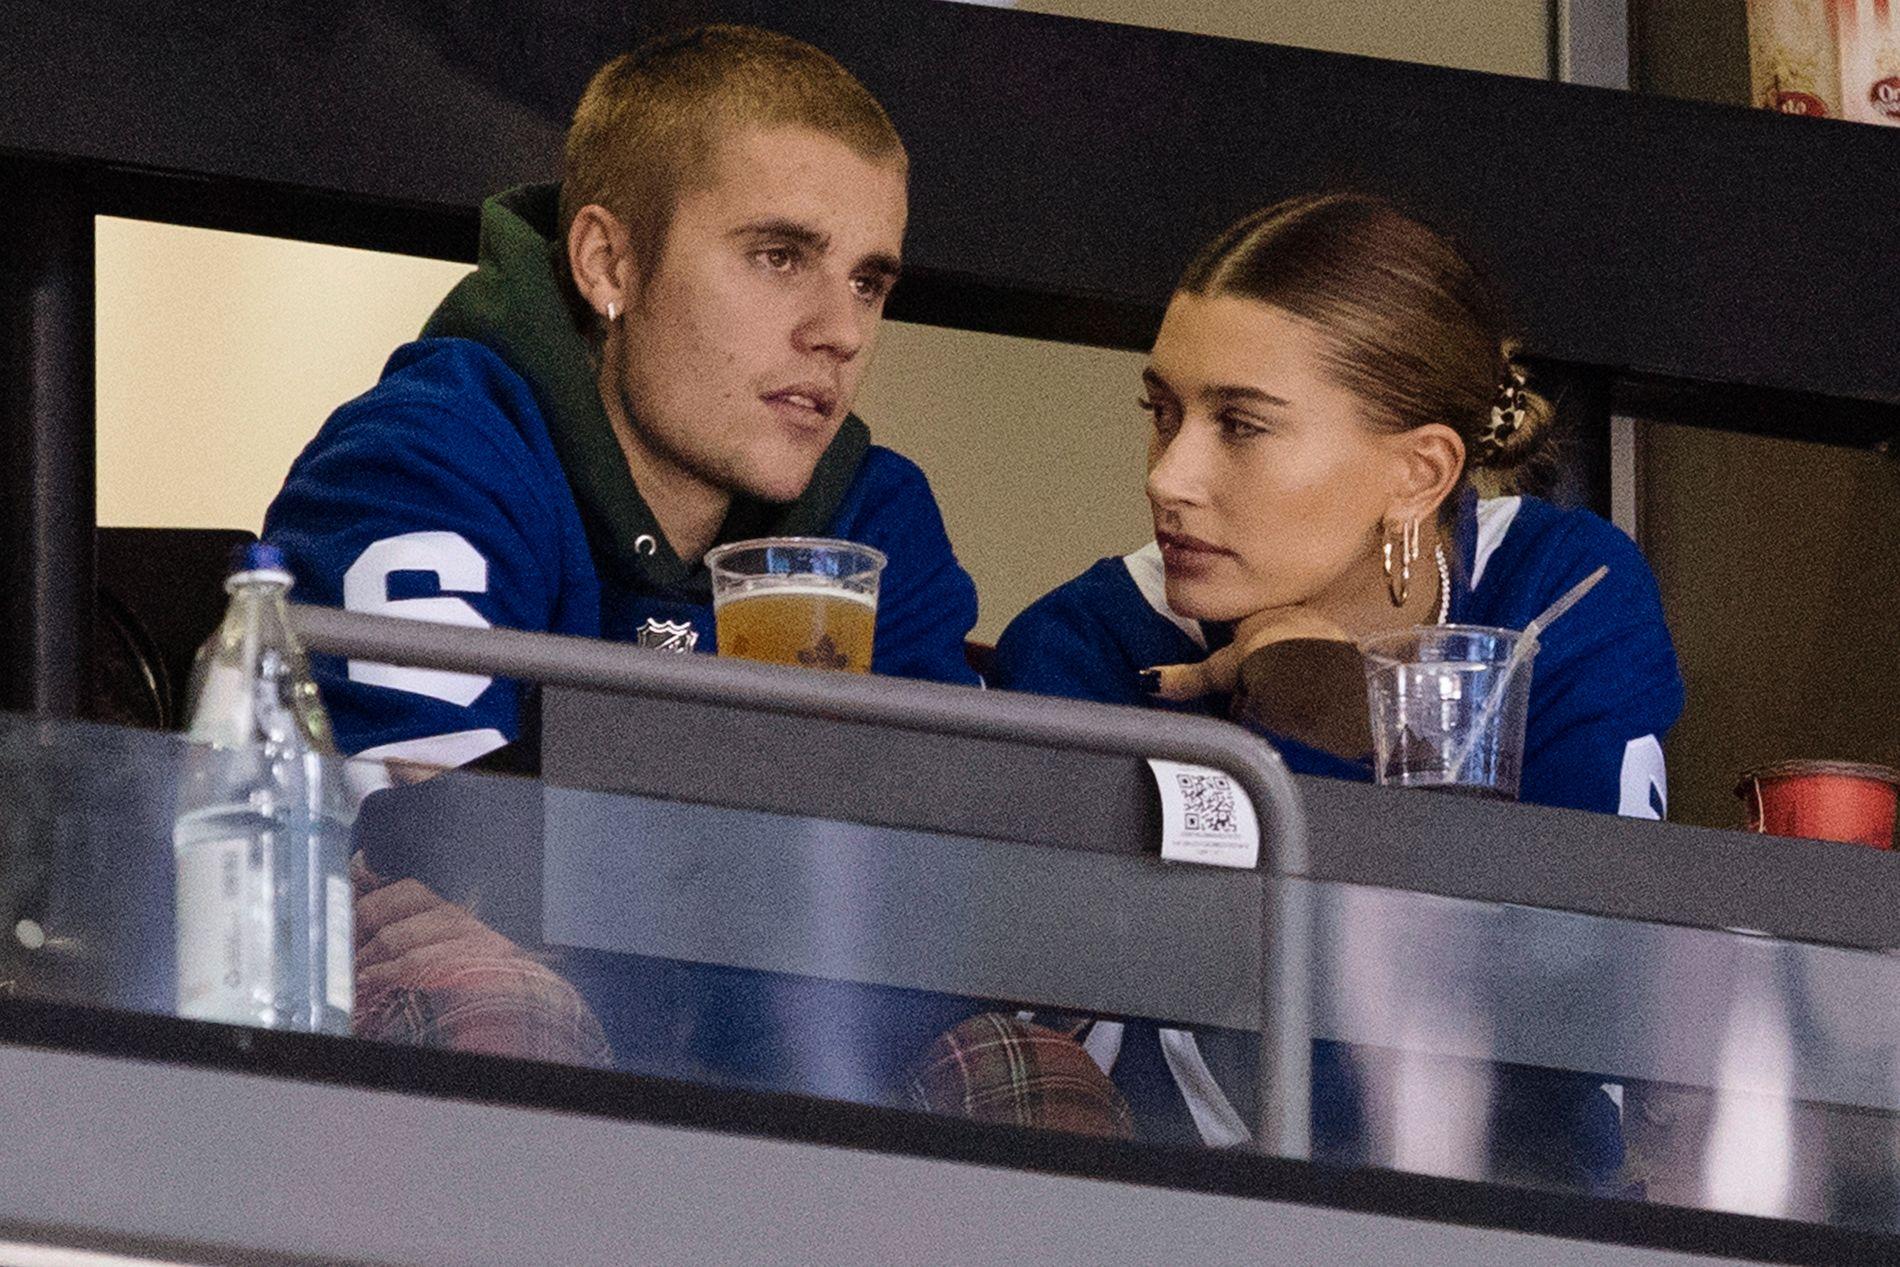 PÅ HOCKEY-KAMP:  Justin og Hailey på NHL-tribunen i Toronto i november.